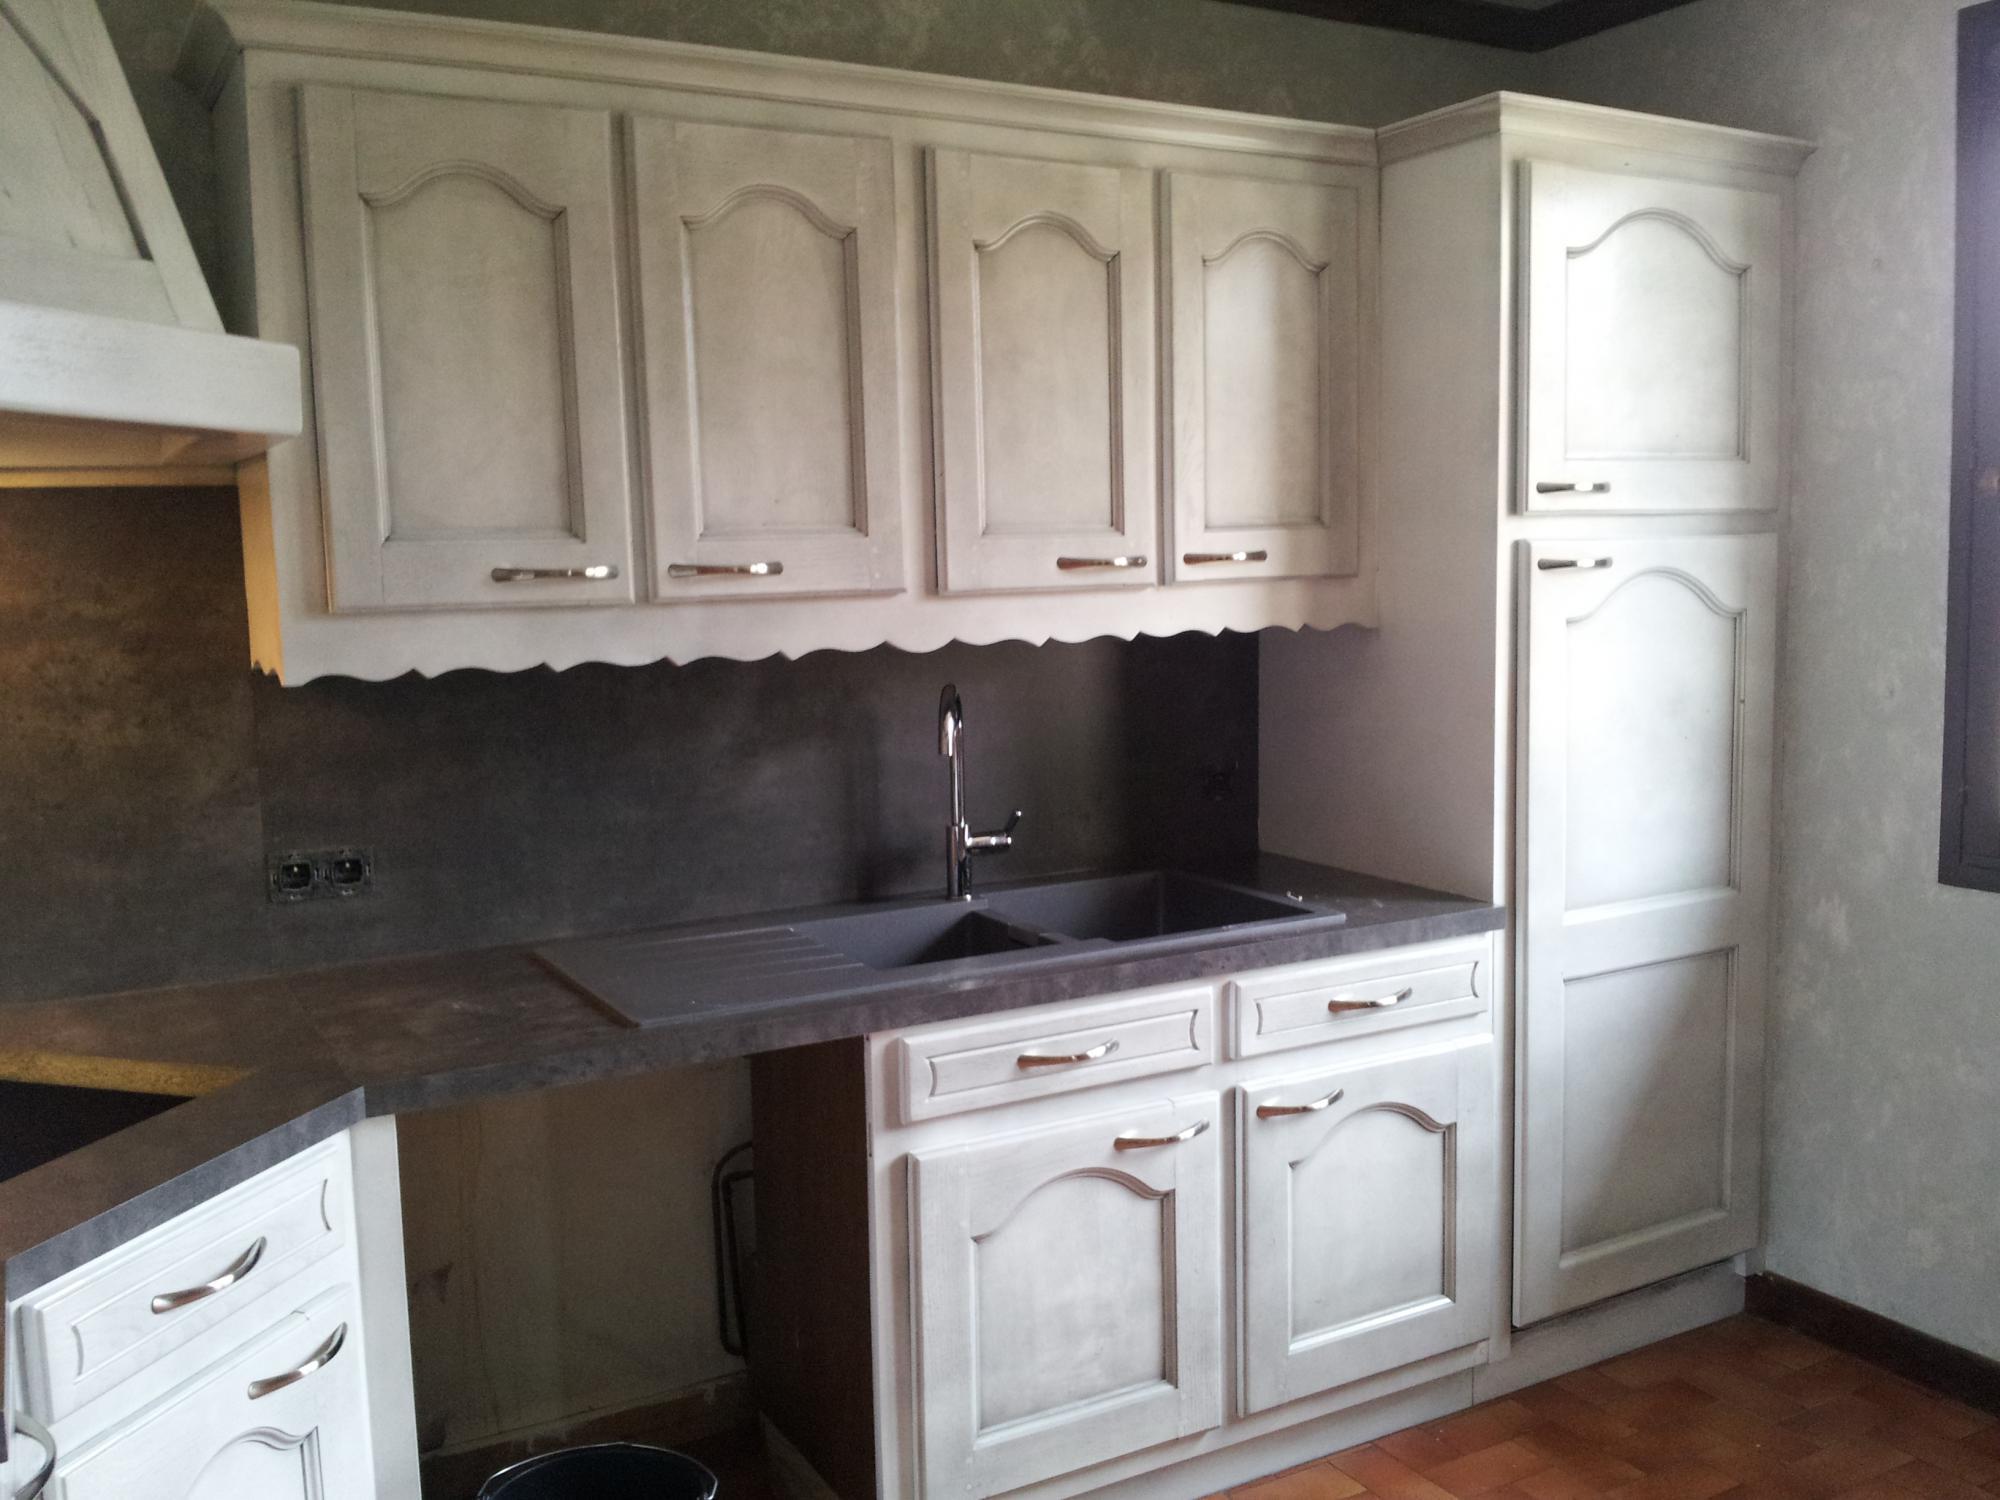 Comment repeindre une cuisine en chene massif - Renover une cuisine en chene massif ...